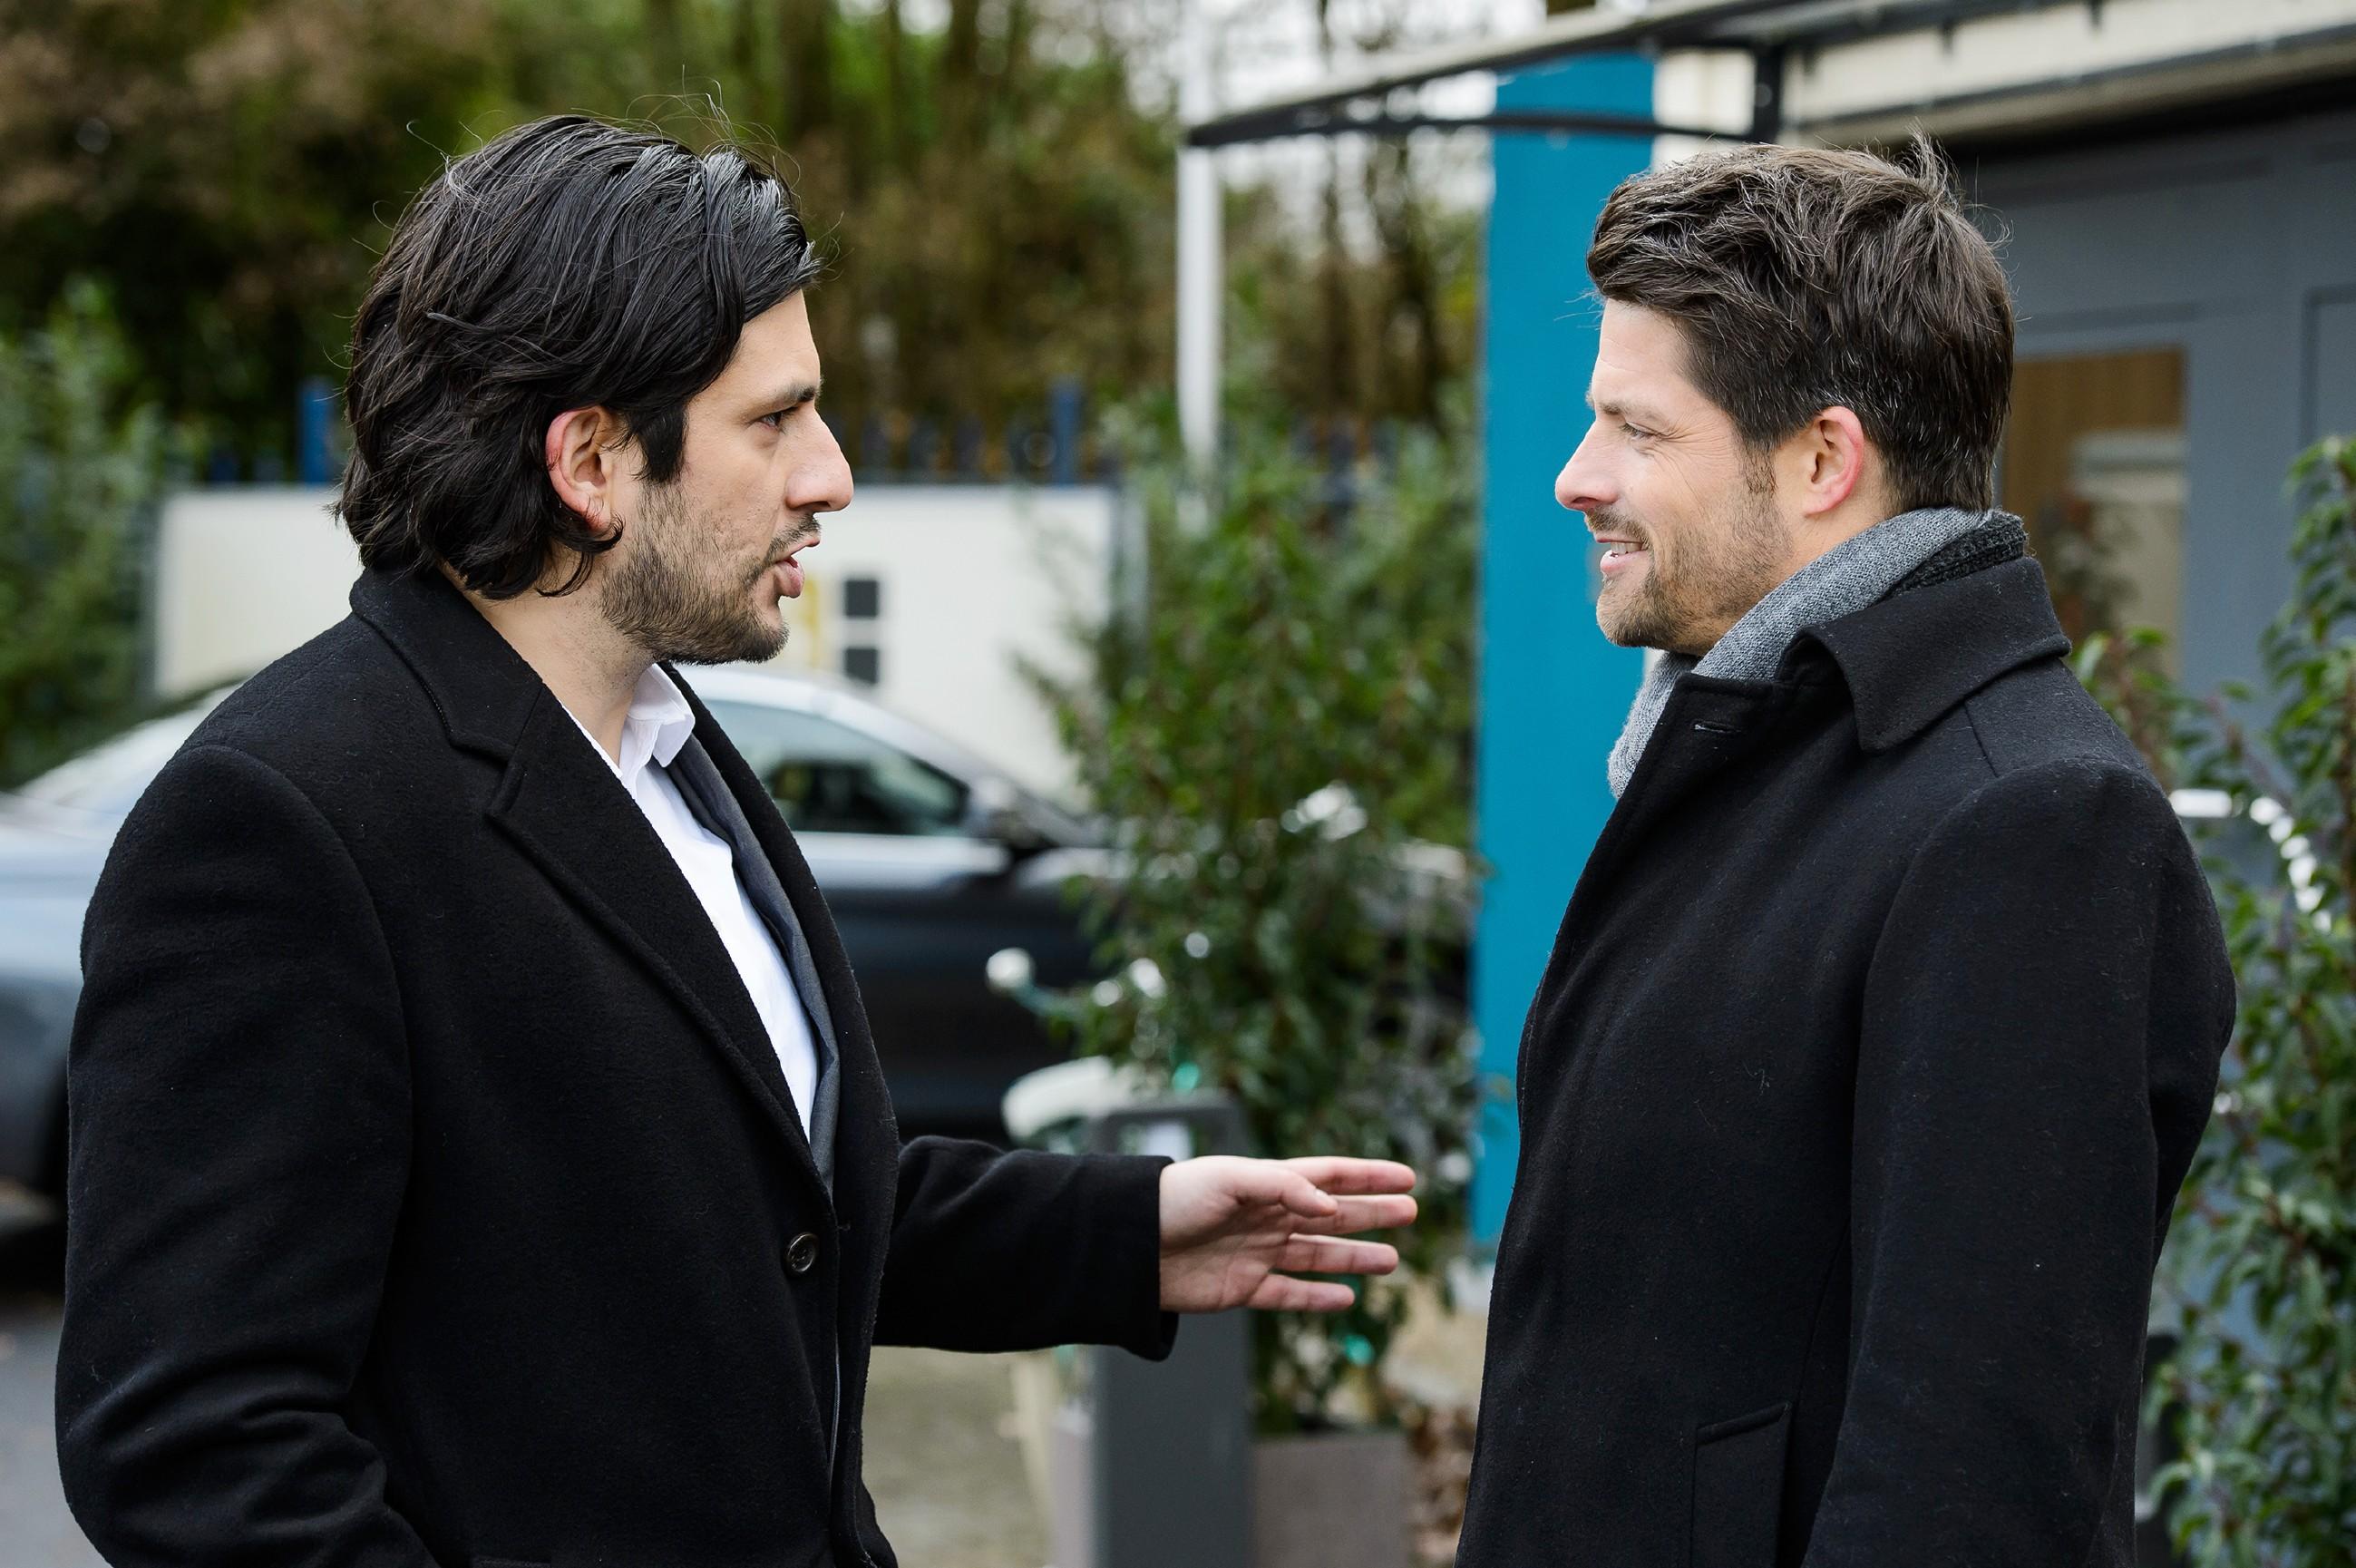 Vincent (Daniel Buder, r.) geht trotz des Drucks, unter dem er steht, nicht auf Maximilians (Francisco Medina) Angebot ein. (Quelle: RTL / Willi Weber)